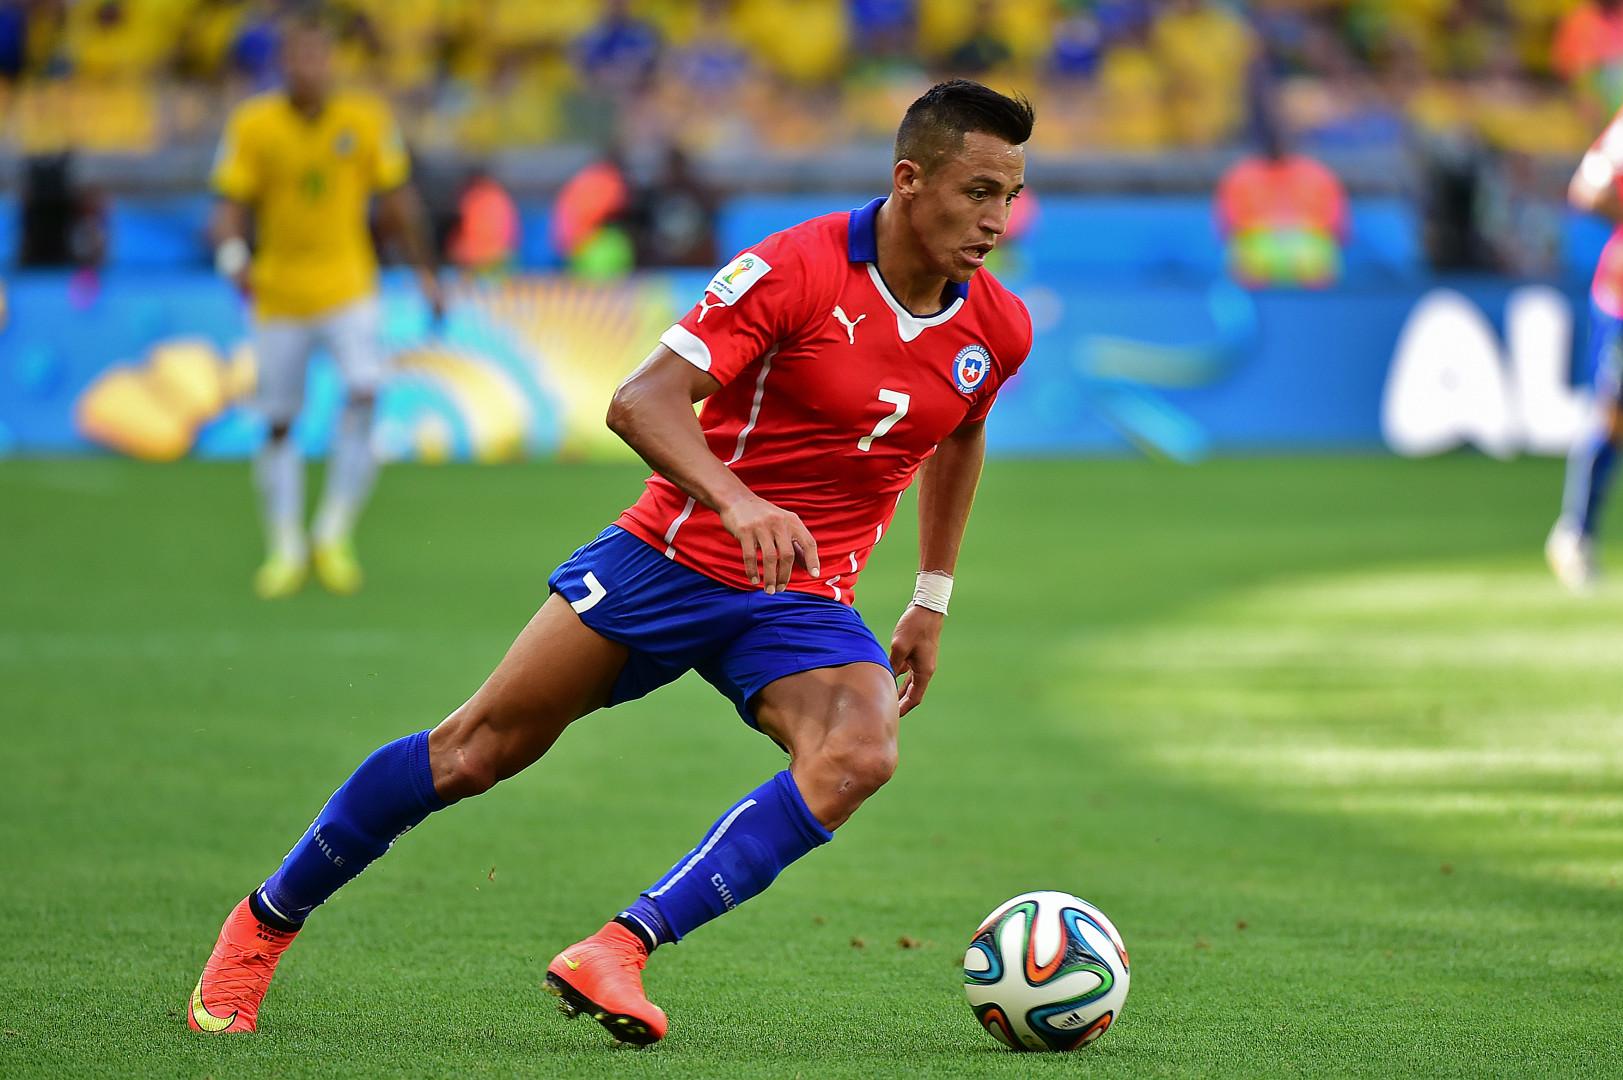 À domicile, Alexis Sanchez voudra conduire son Chili à la victoire